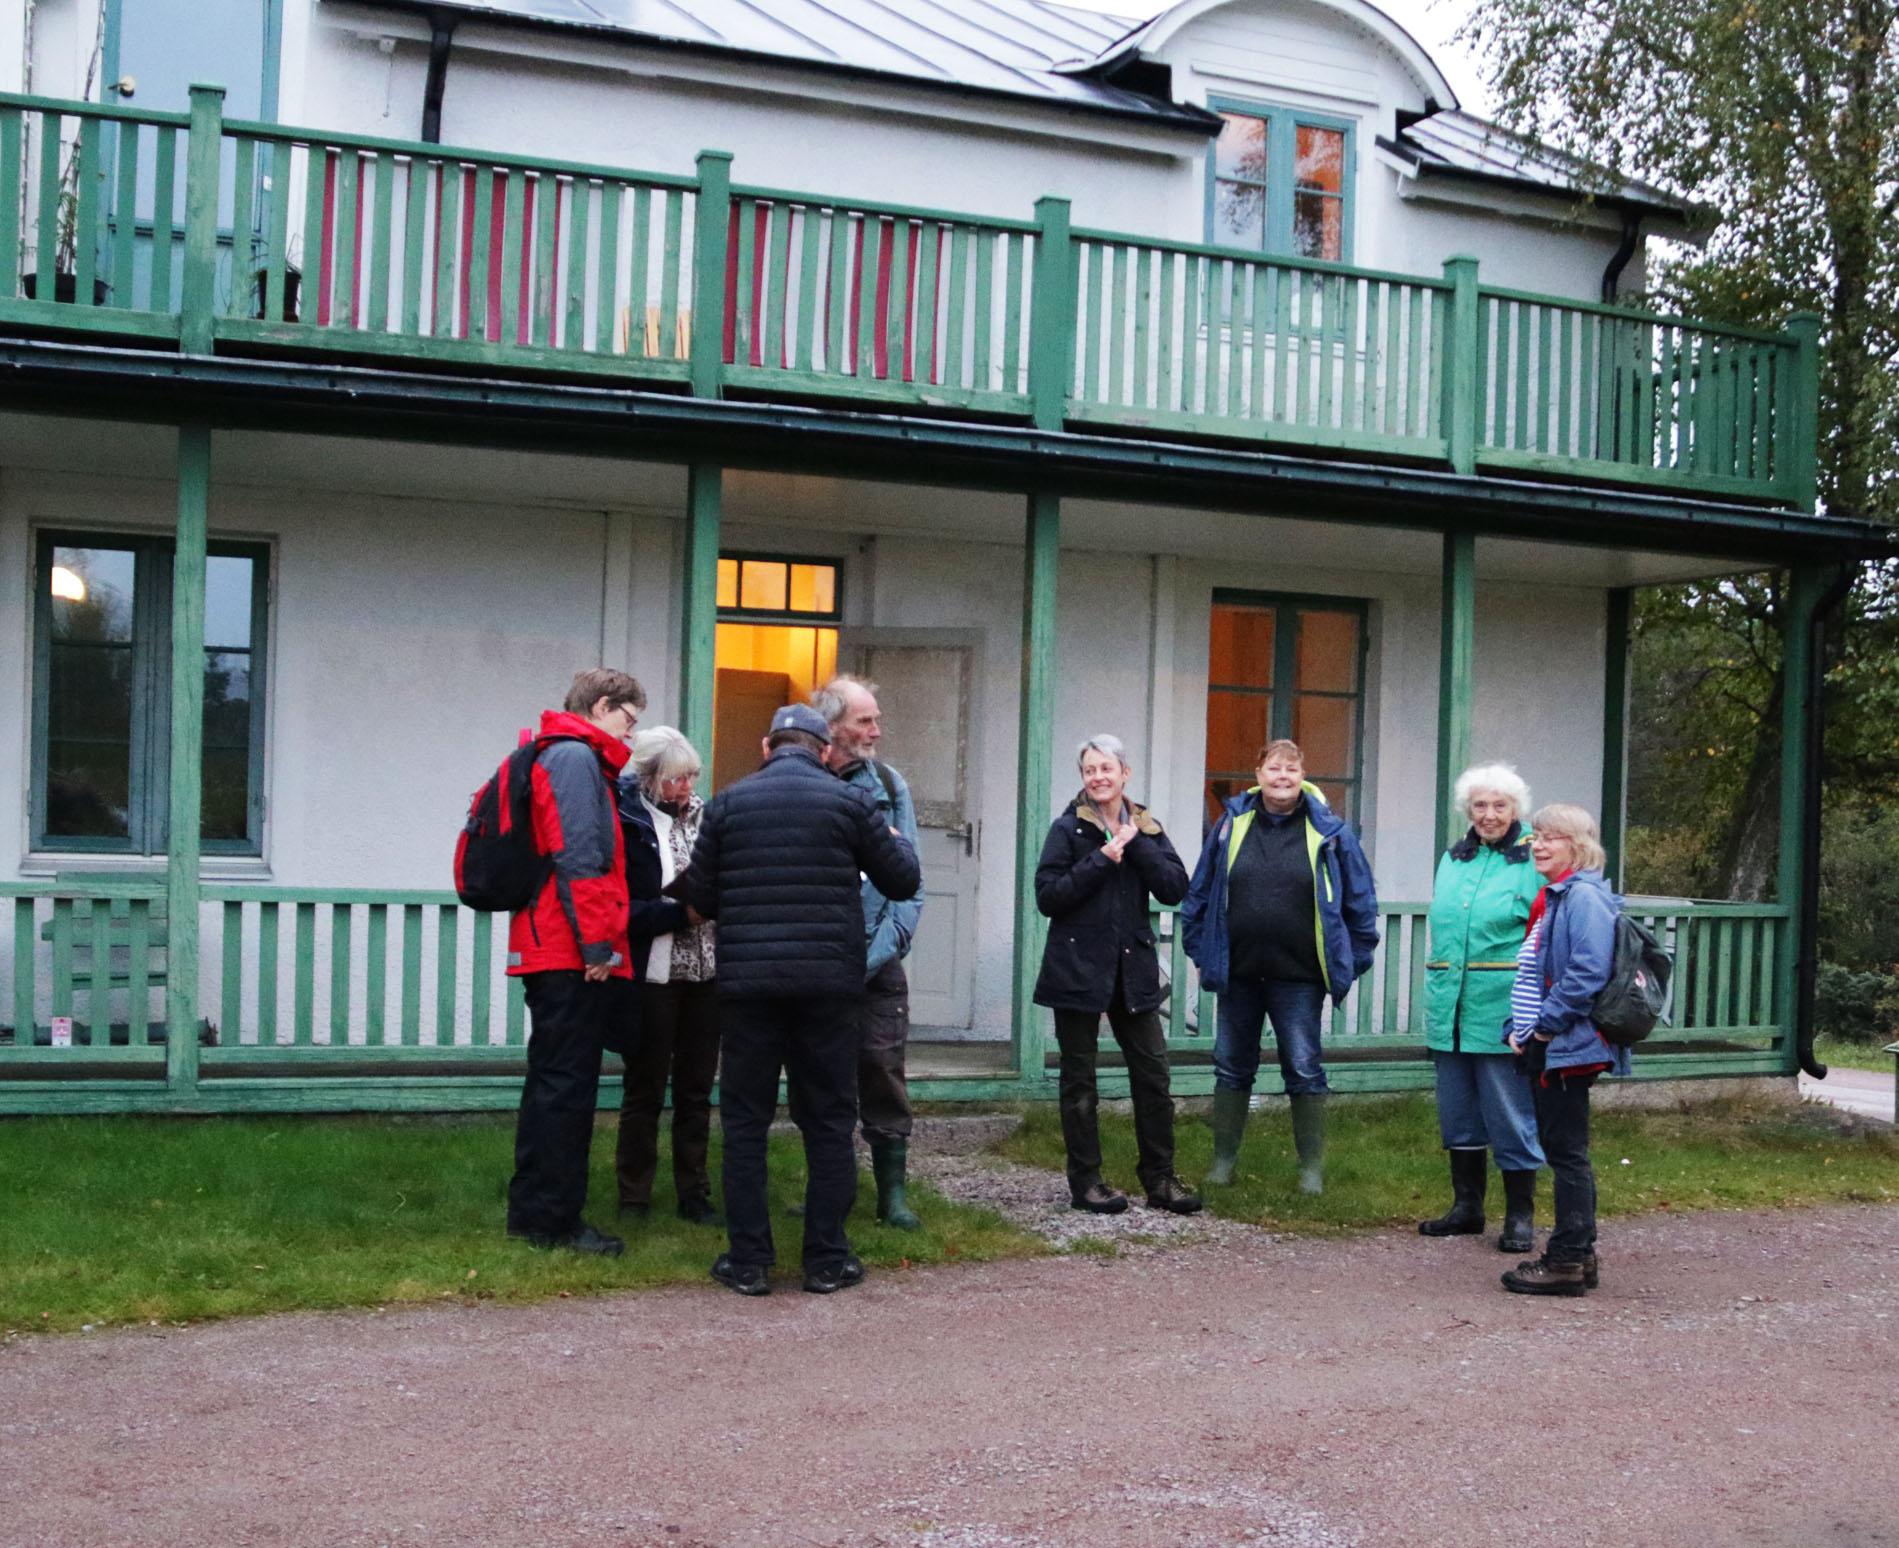 Några av deltagarna samlas inför kvällens utflykt. Från vänster Anneli Brenander, Pia Ingemansson, Karl Ingemansson, Dag Jansson, Marit Stigsdotter, Wretlund, Berit Melin och  Agneta Andersson.